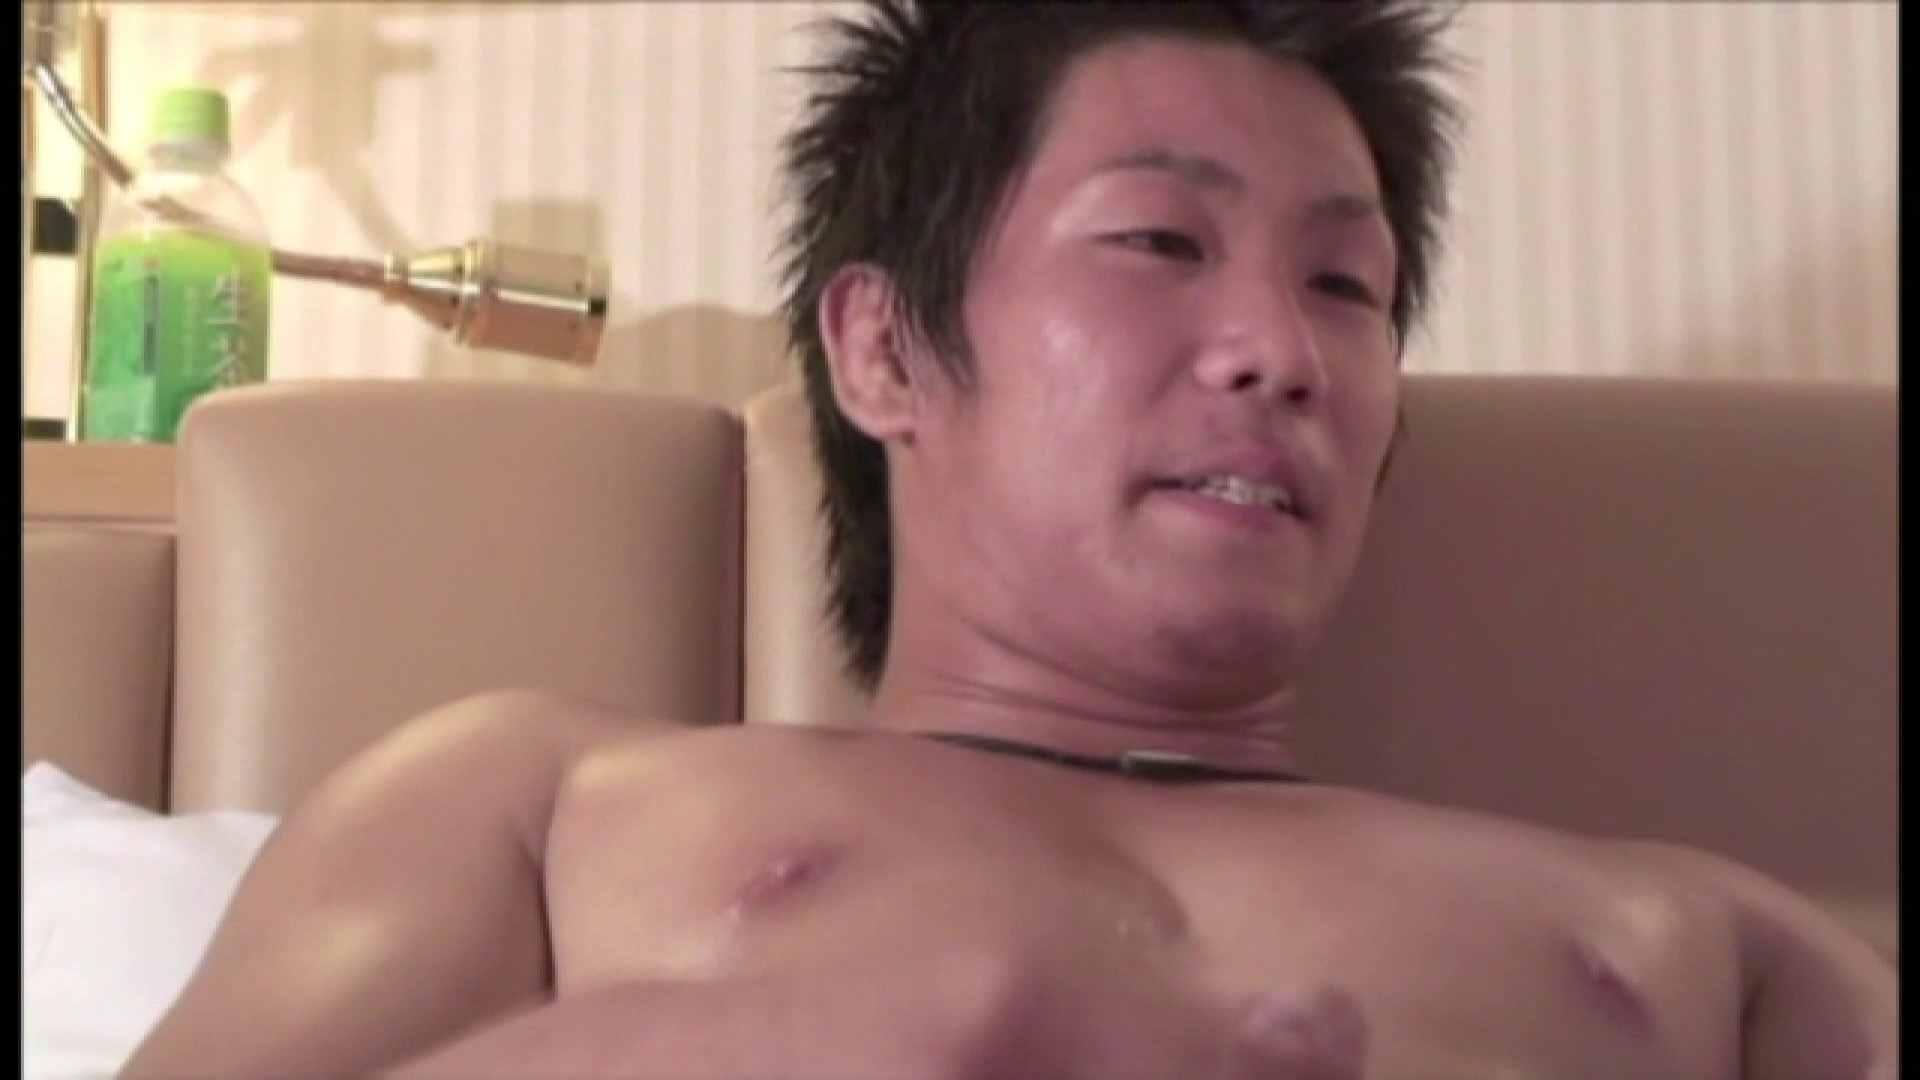 ノンケイケメンの欲望と肉棒 Vol.25 エロ  90pic 29